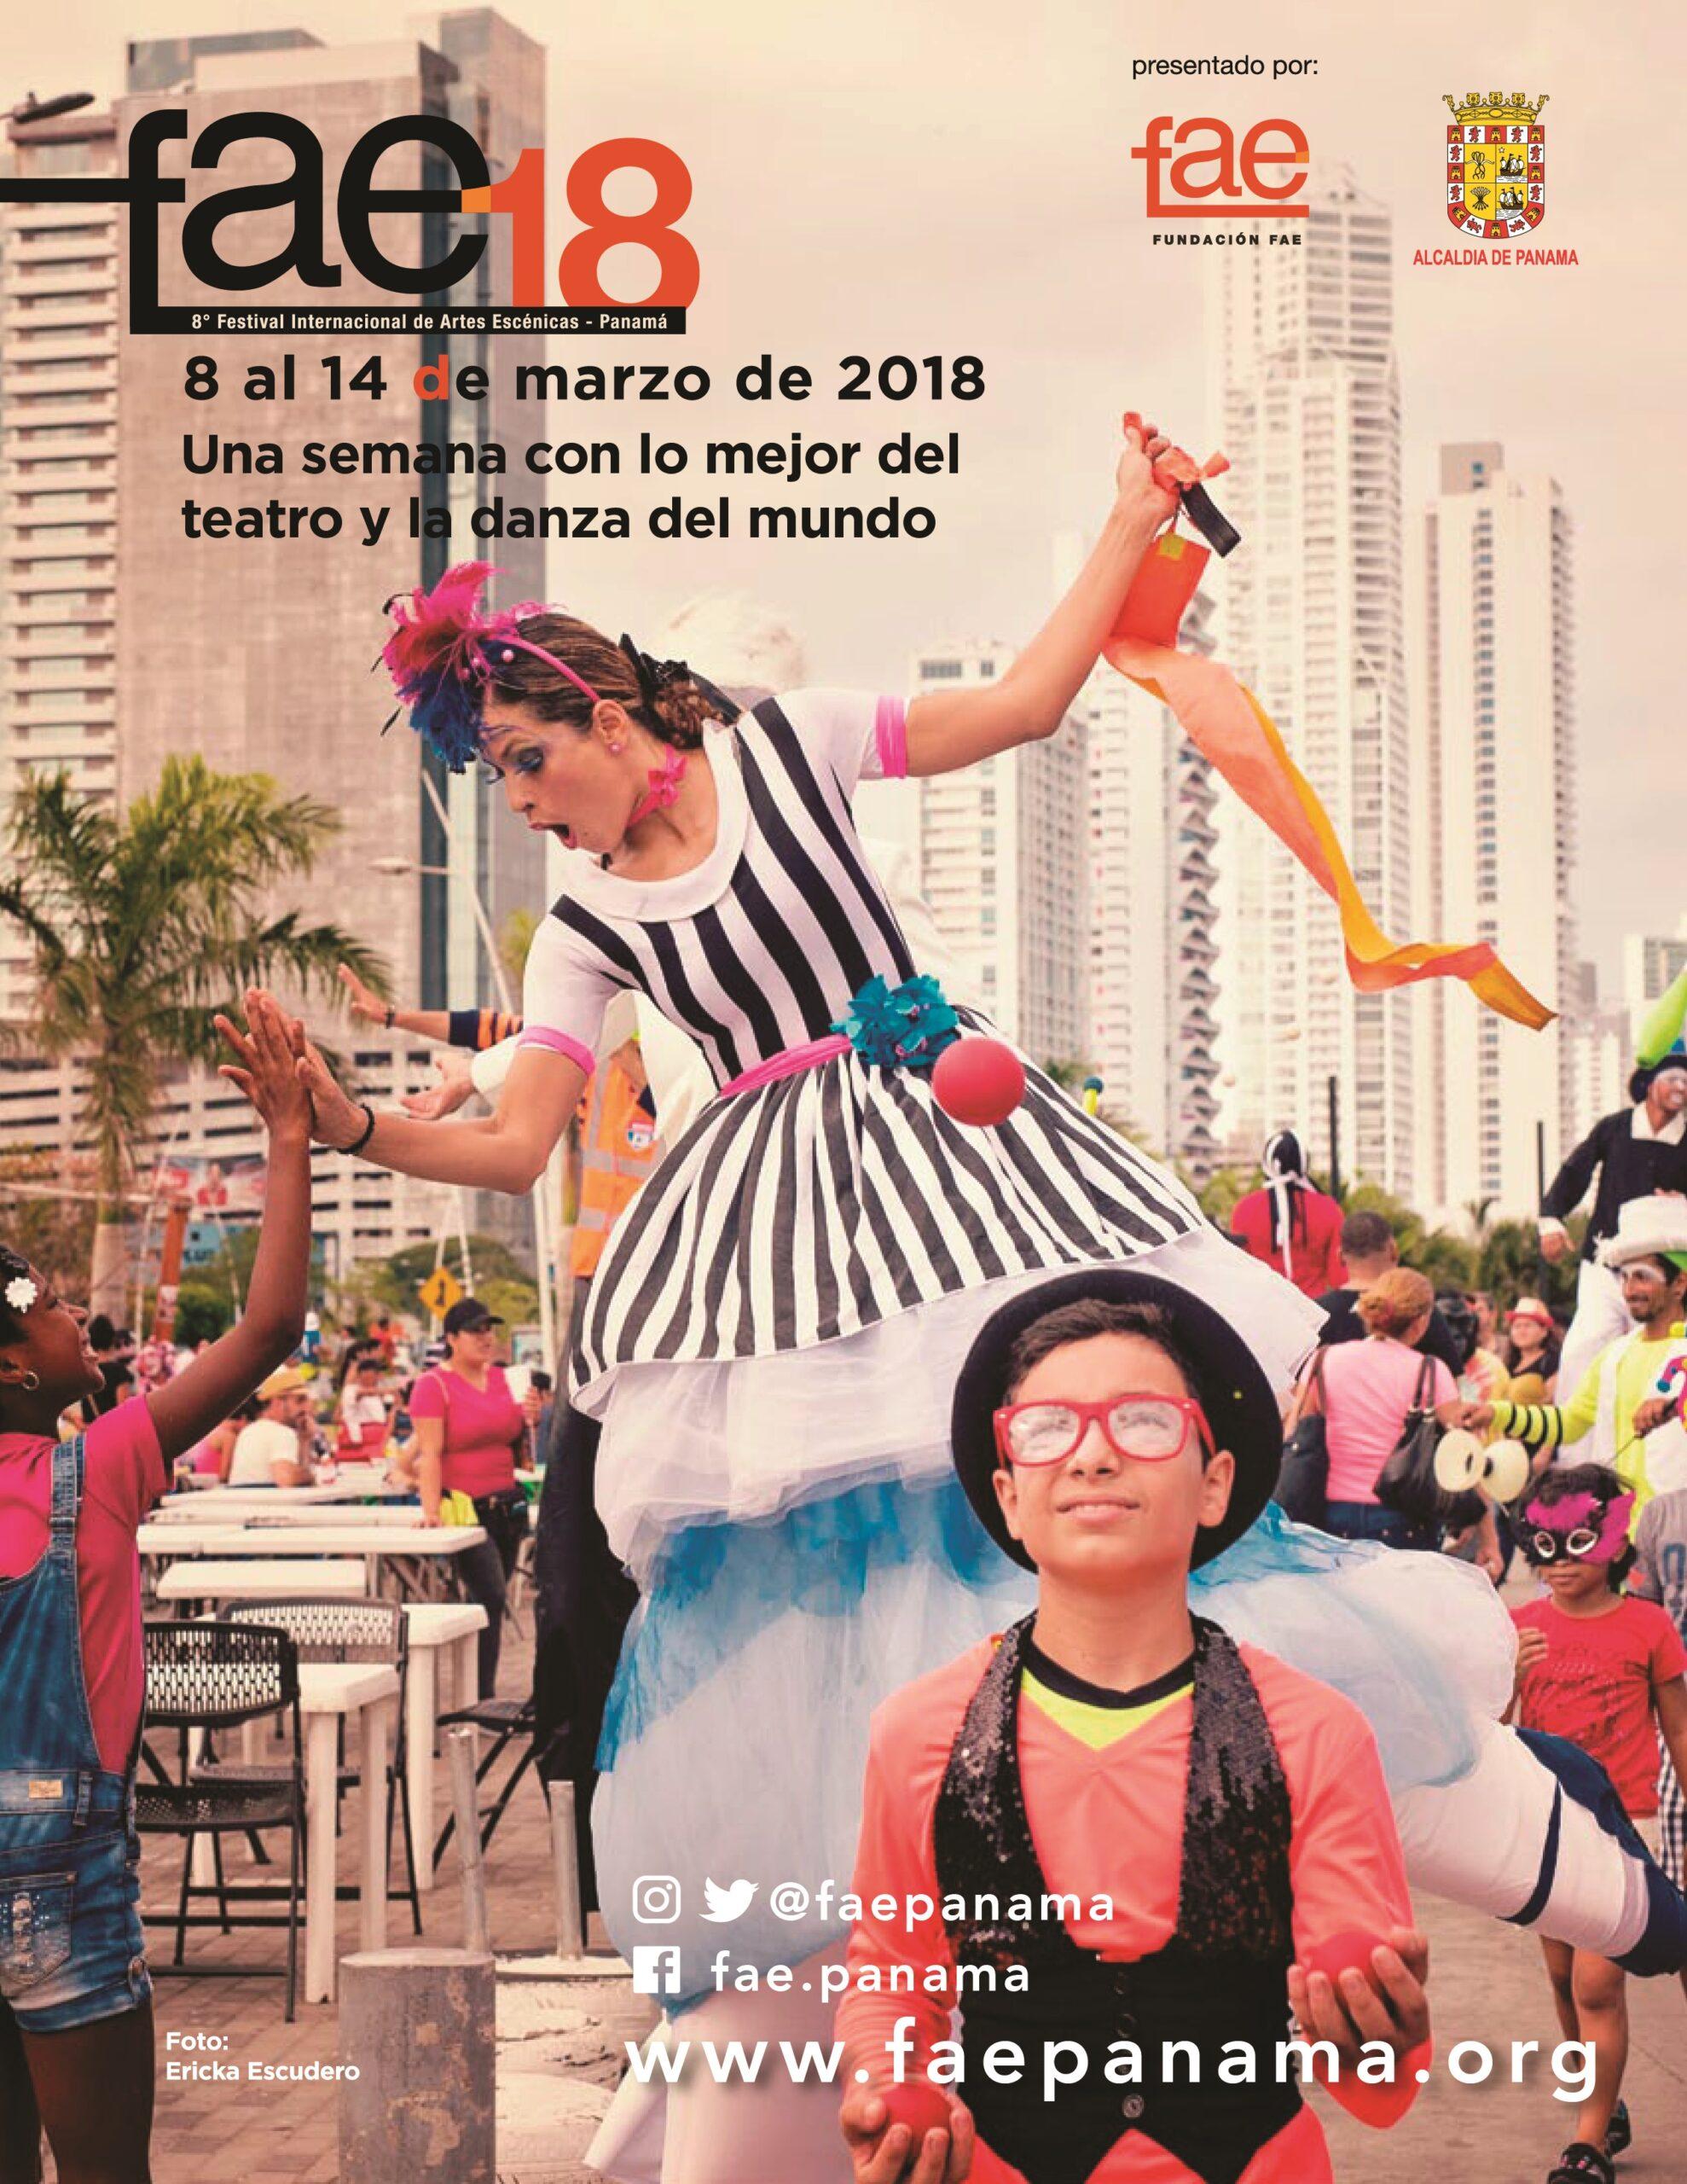 VIENE EN AGOSTO EL FESTIVAL INTERNACIONAL DE ARTES ESCÉNICAS